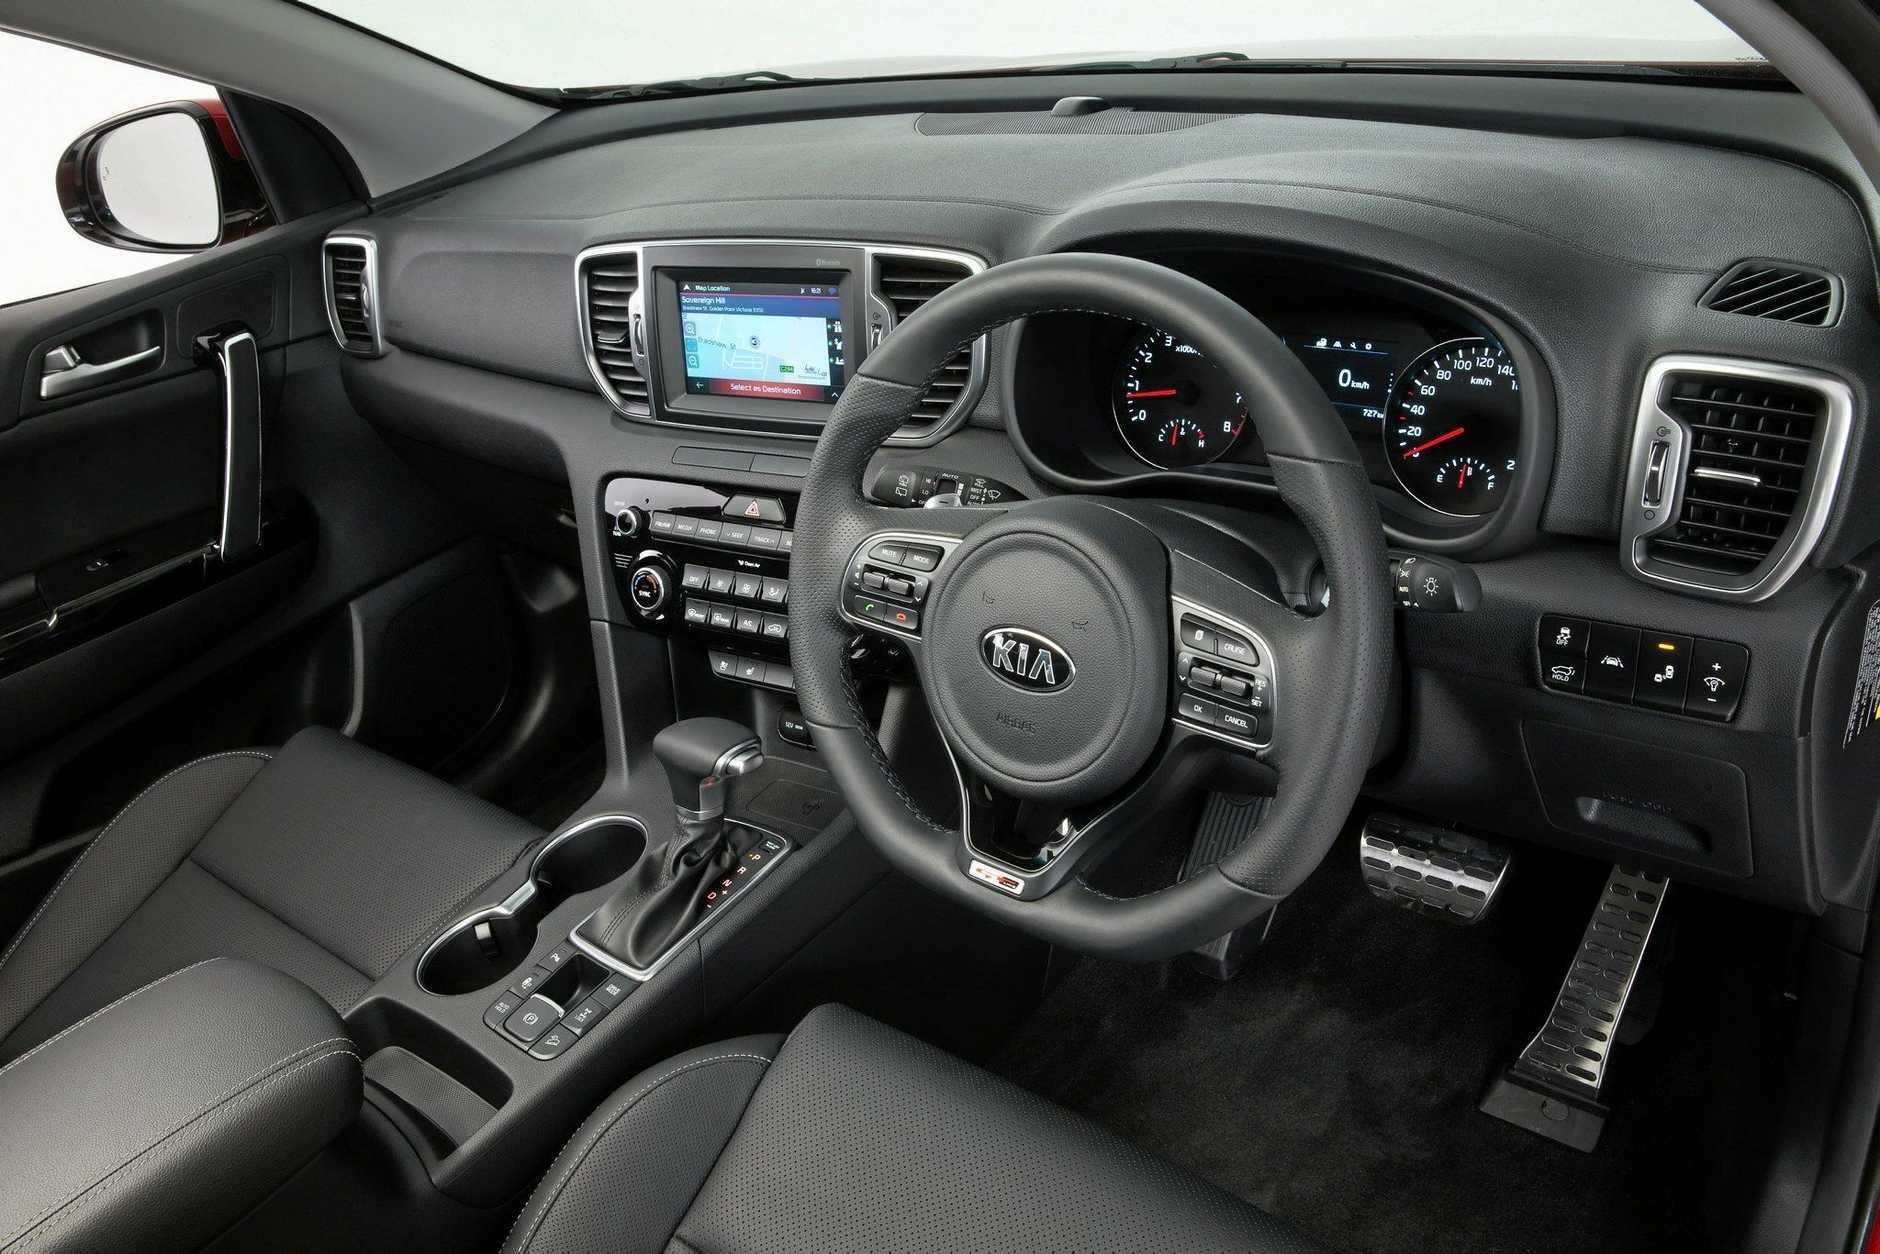 2016 Kia Sportage Platinum interior black.